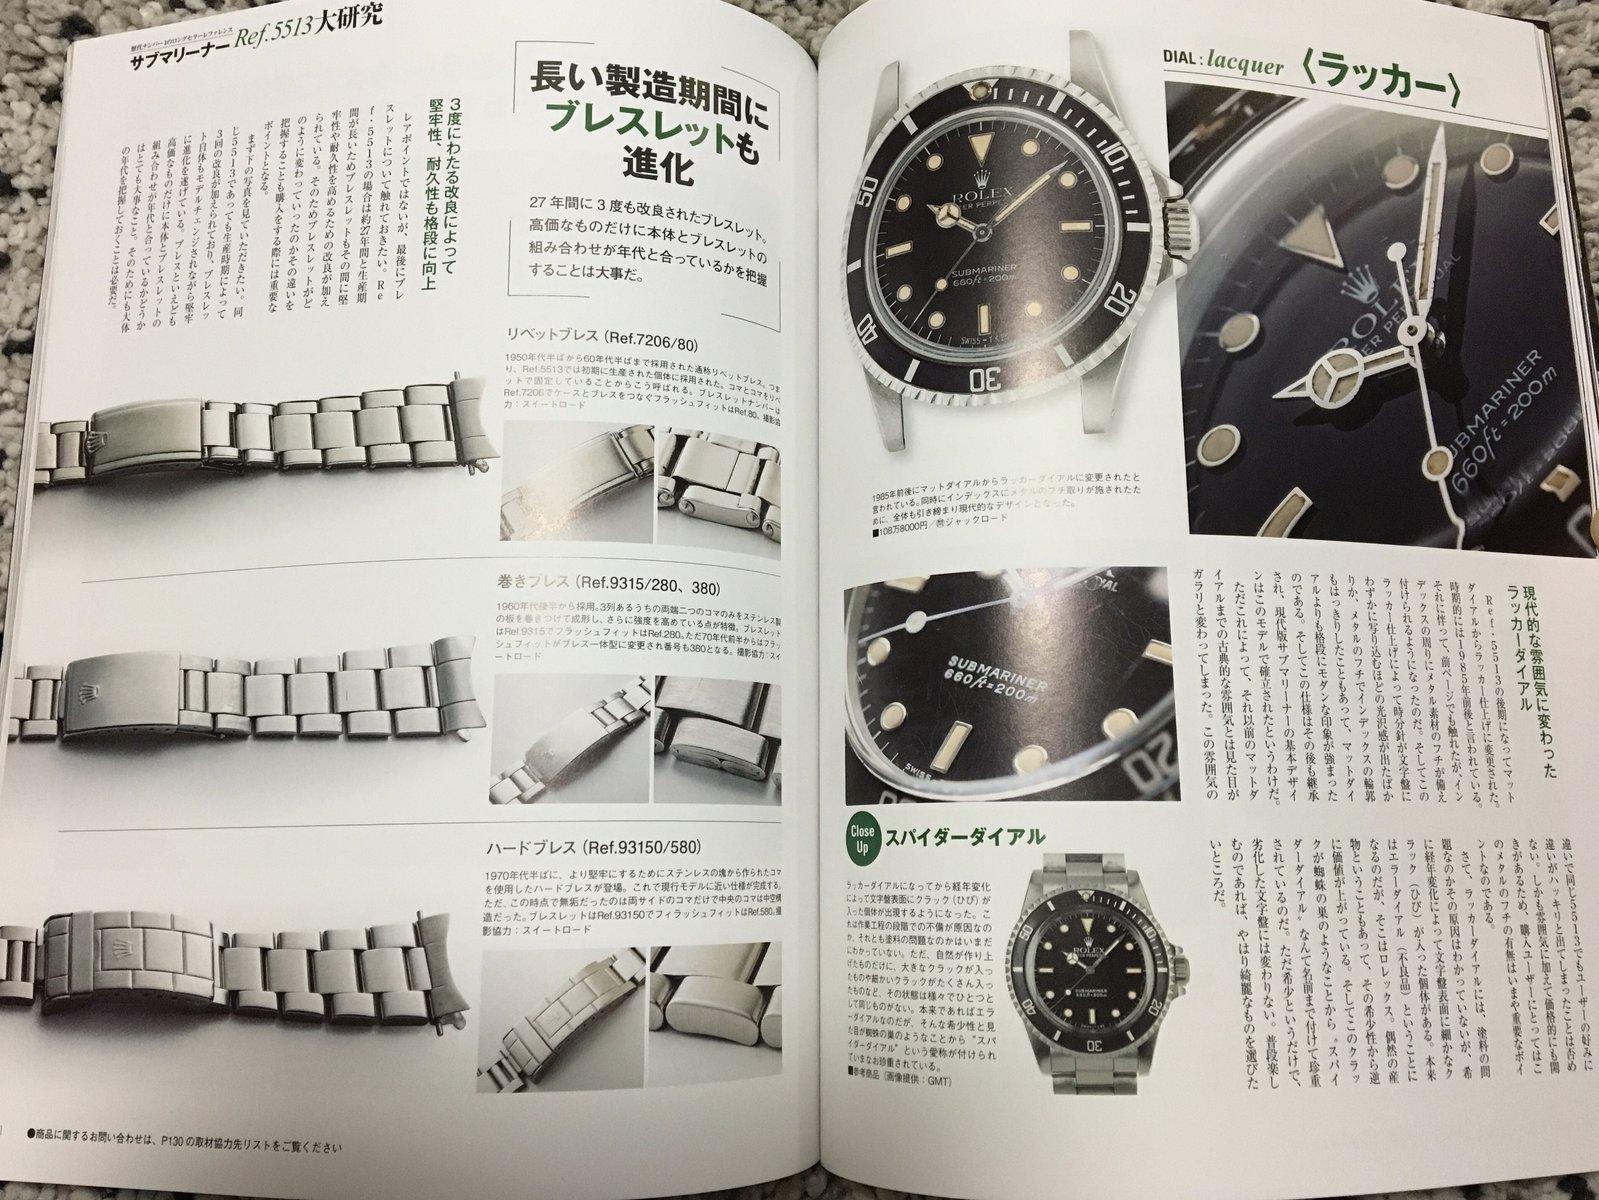 35C65A26-7878-413A-B5C1-A15387466FBF.jpeg